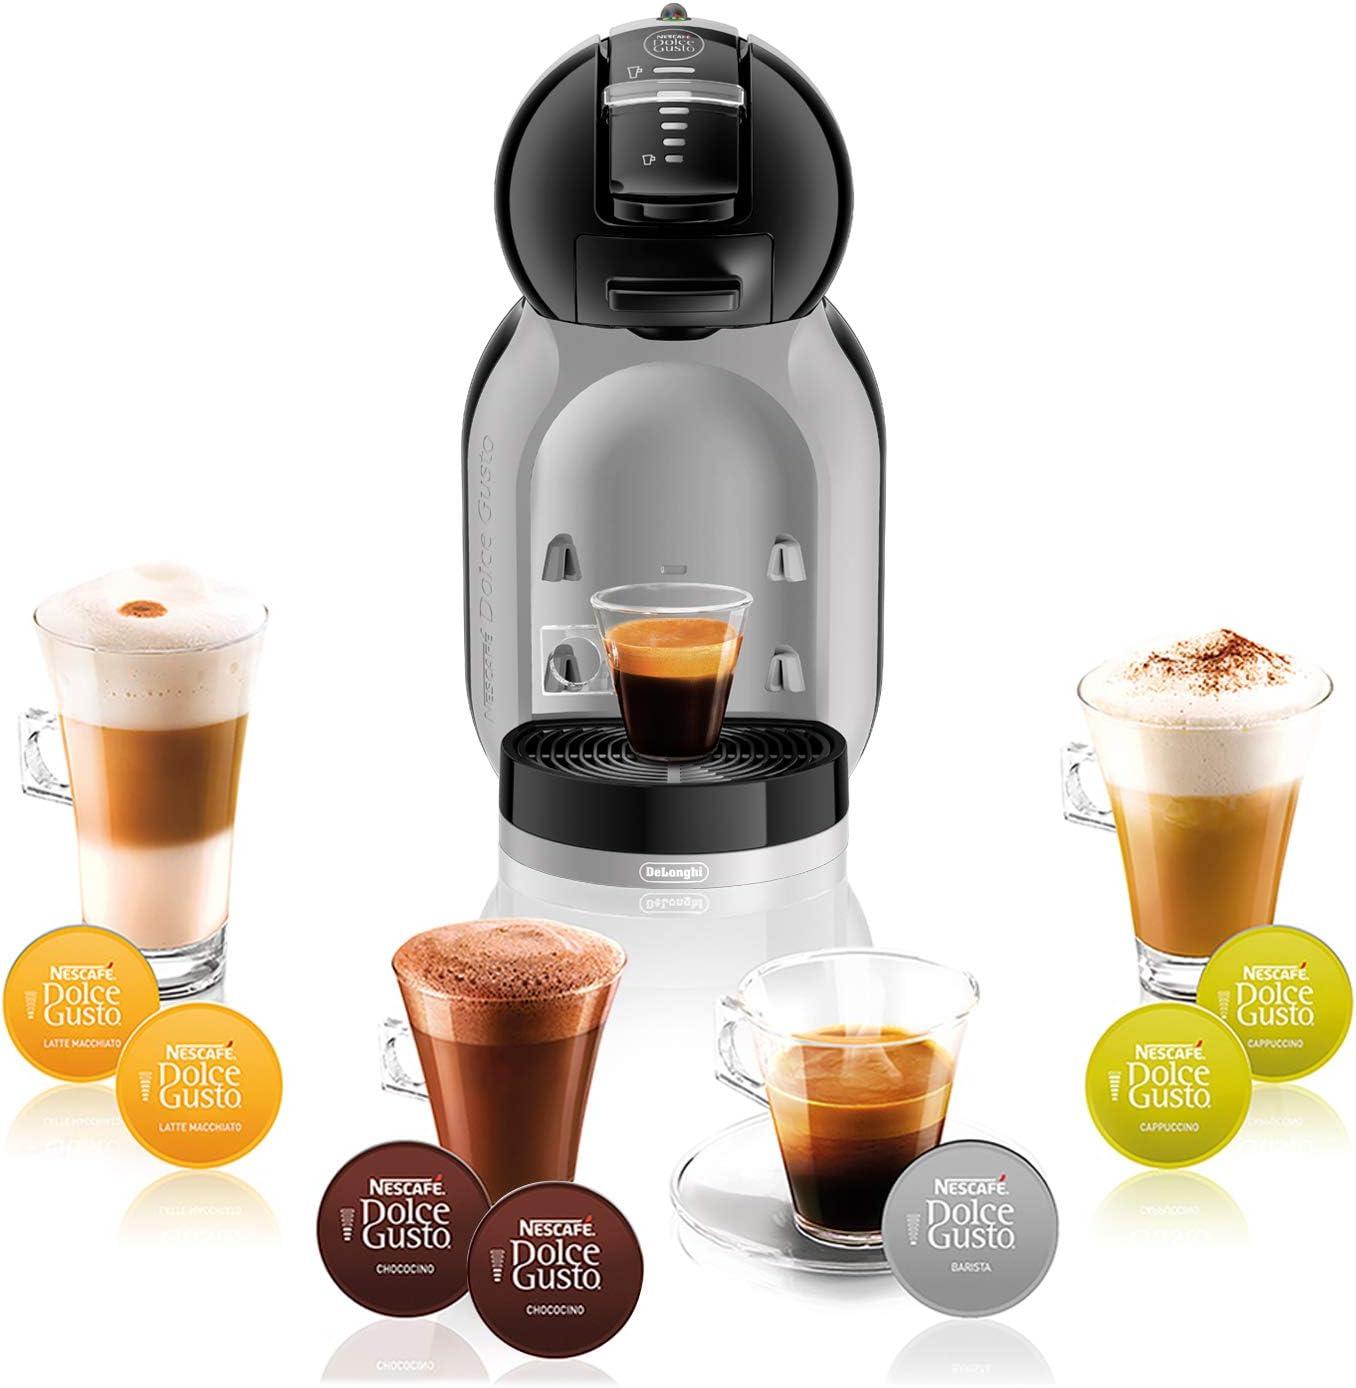 DeLonghi Dolce Gusto Mini Me EDG155.BG - Cafetera de cápsulas, 15 bares de presión, color gris y negro: Amazon.es: Hogar